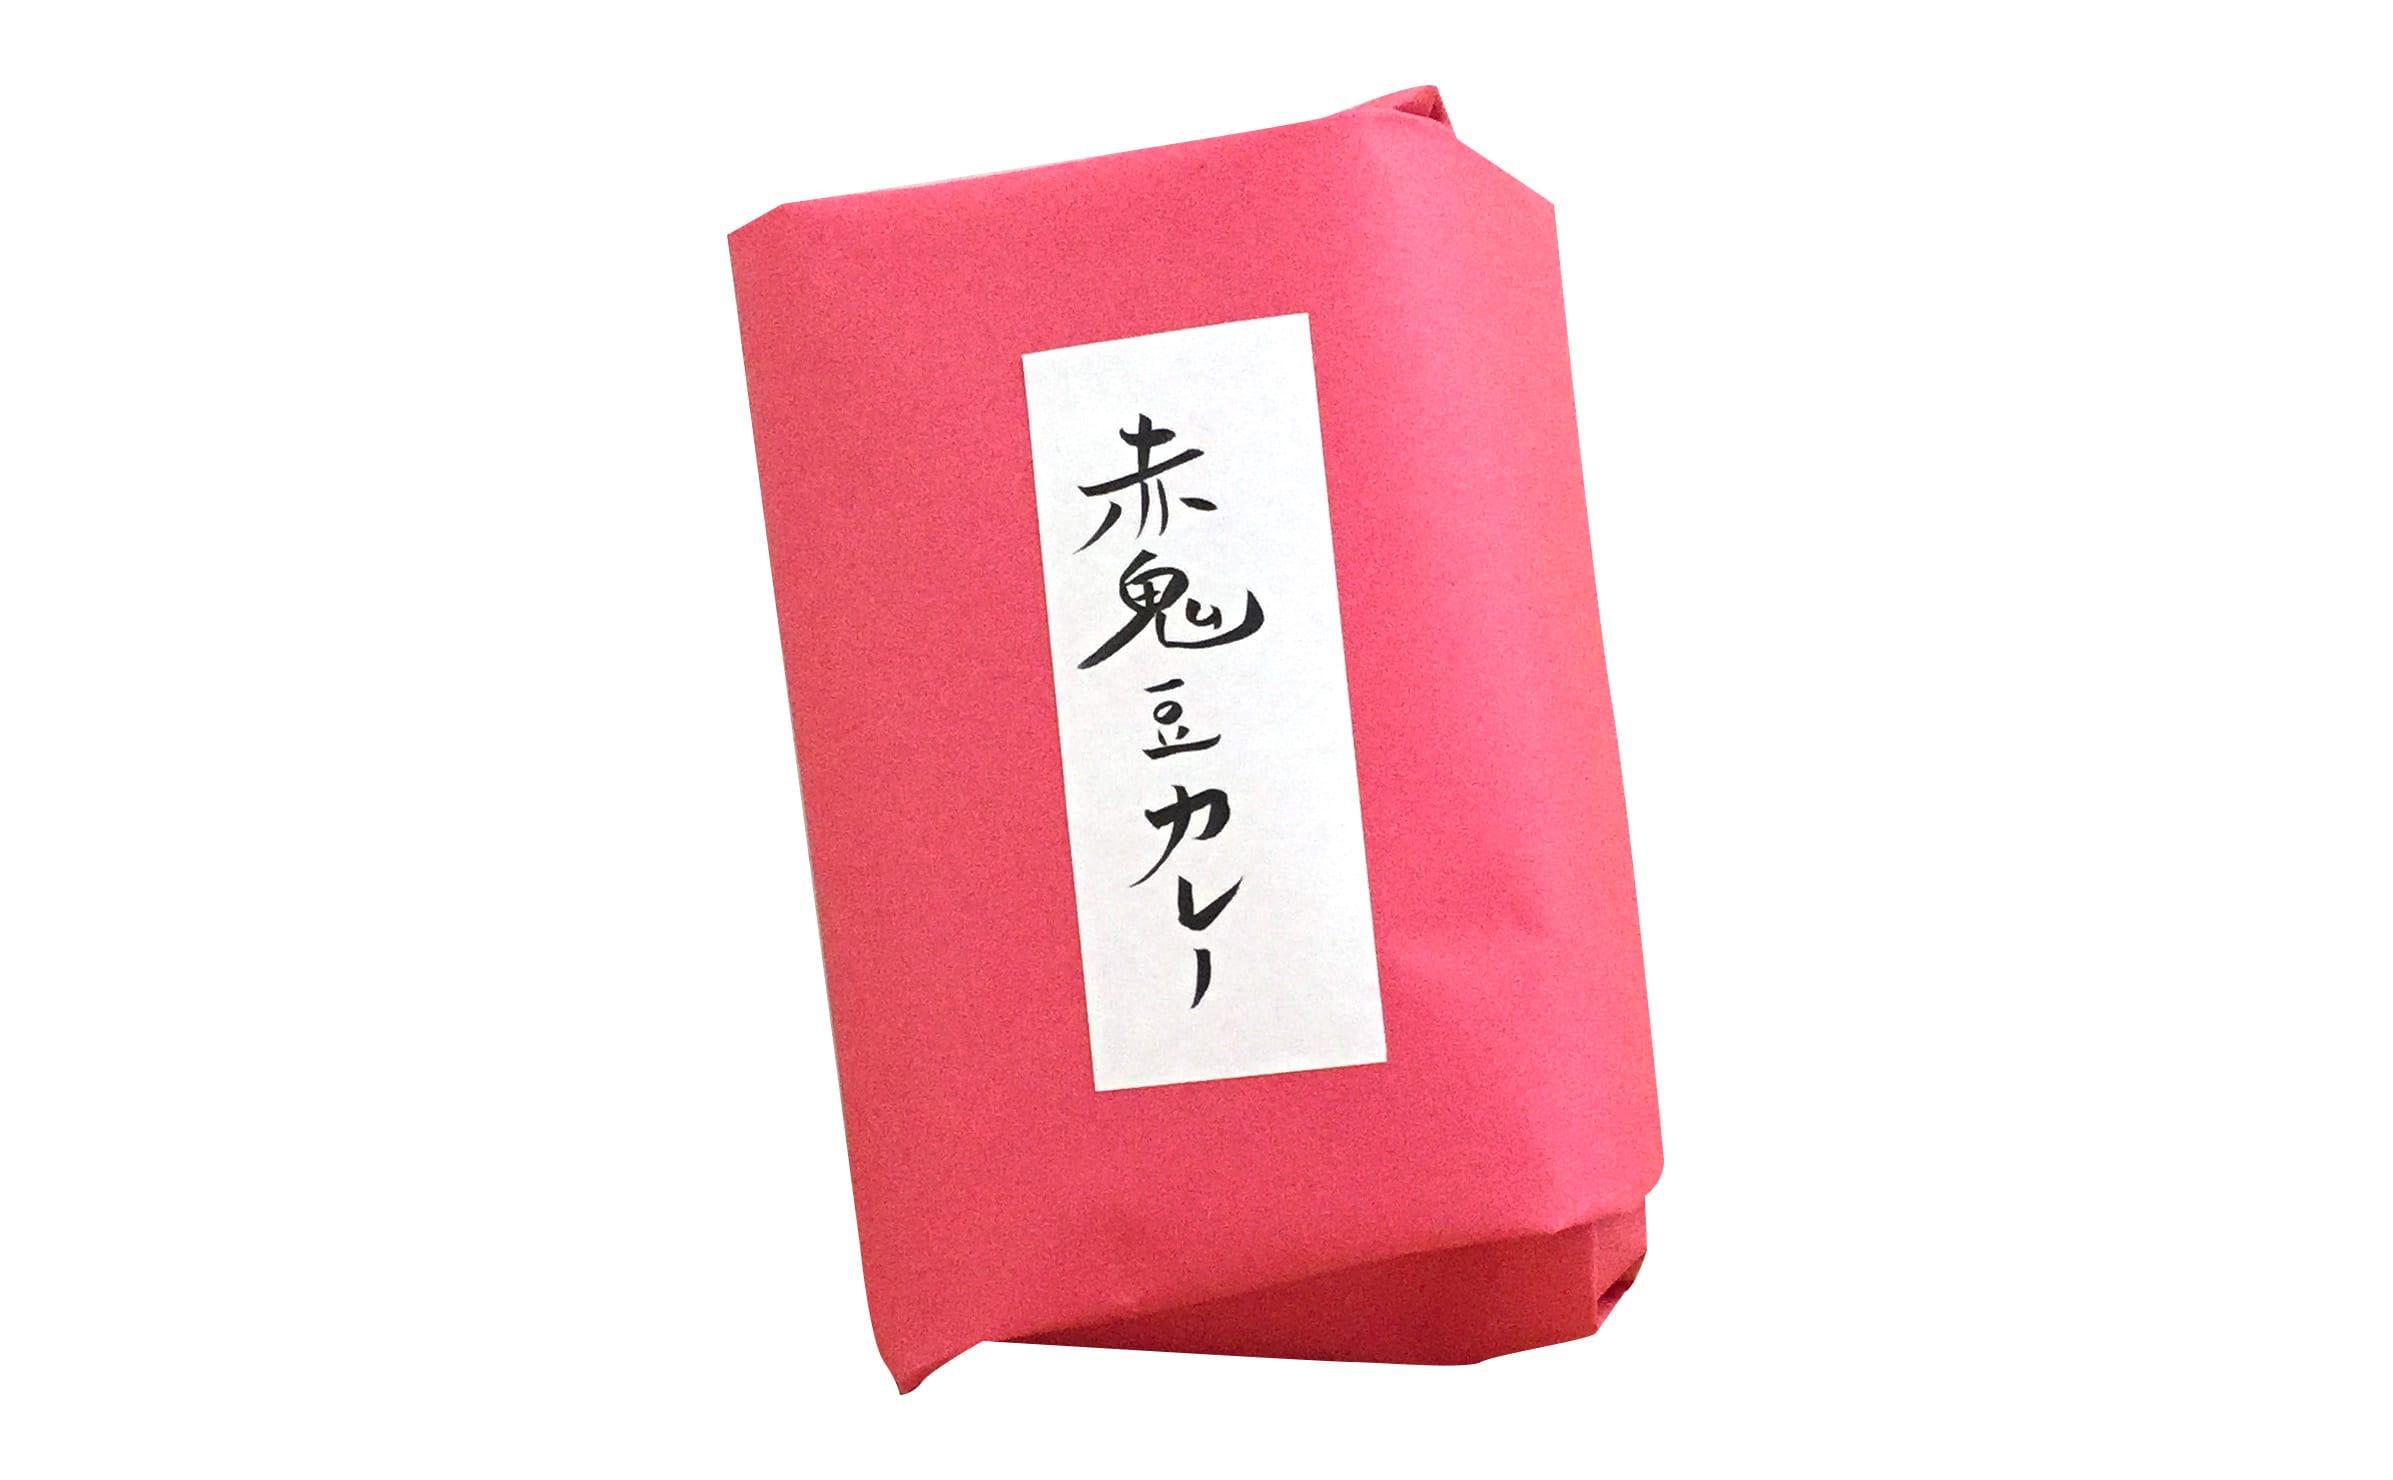 2016年の山形ビエンナーレ「みちのおく商店」で販売した「赤鬼豆カレー」。真室川産の伝承豆や古代米、スパイスなどが赤い紙で包まれています。商品名は一枚ずつ手書き。にじみ出る味が素敵。(難波)